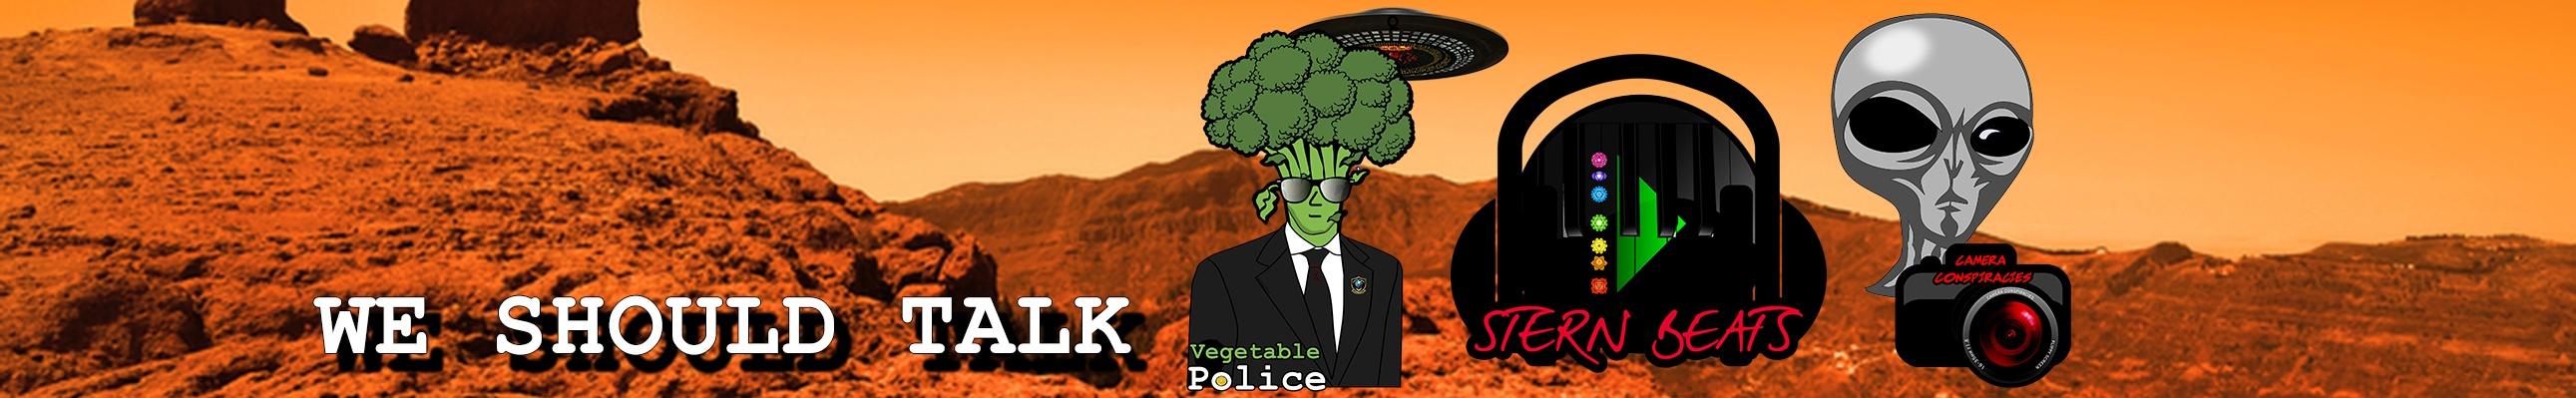 vegetablepolice Cover